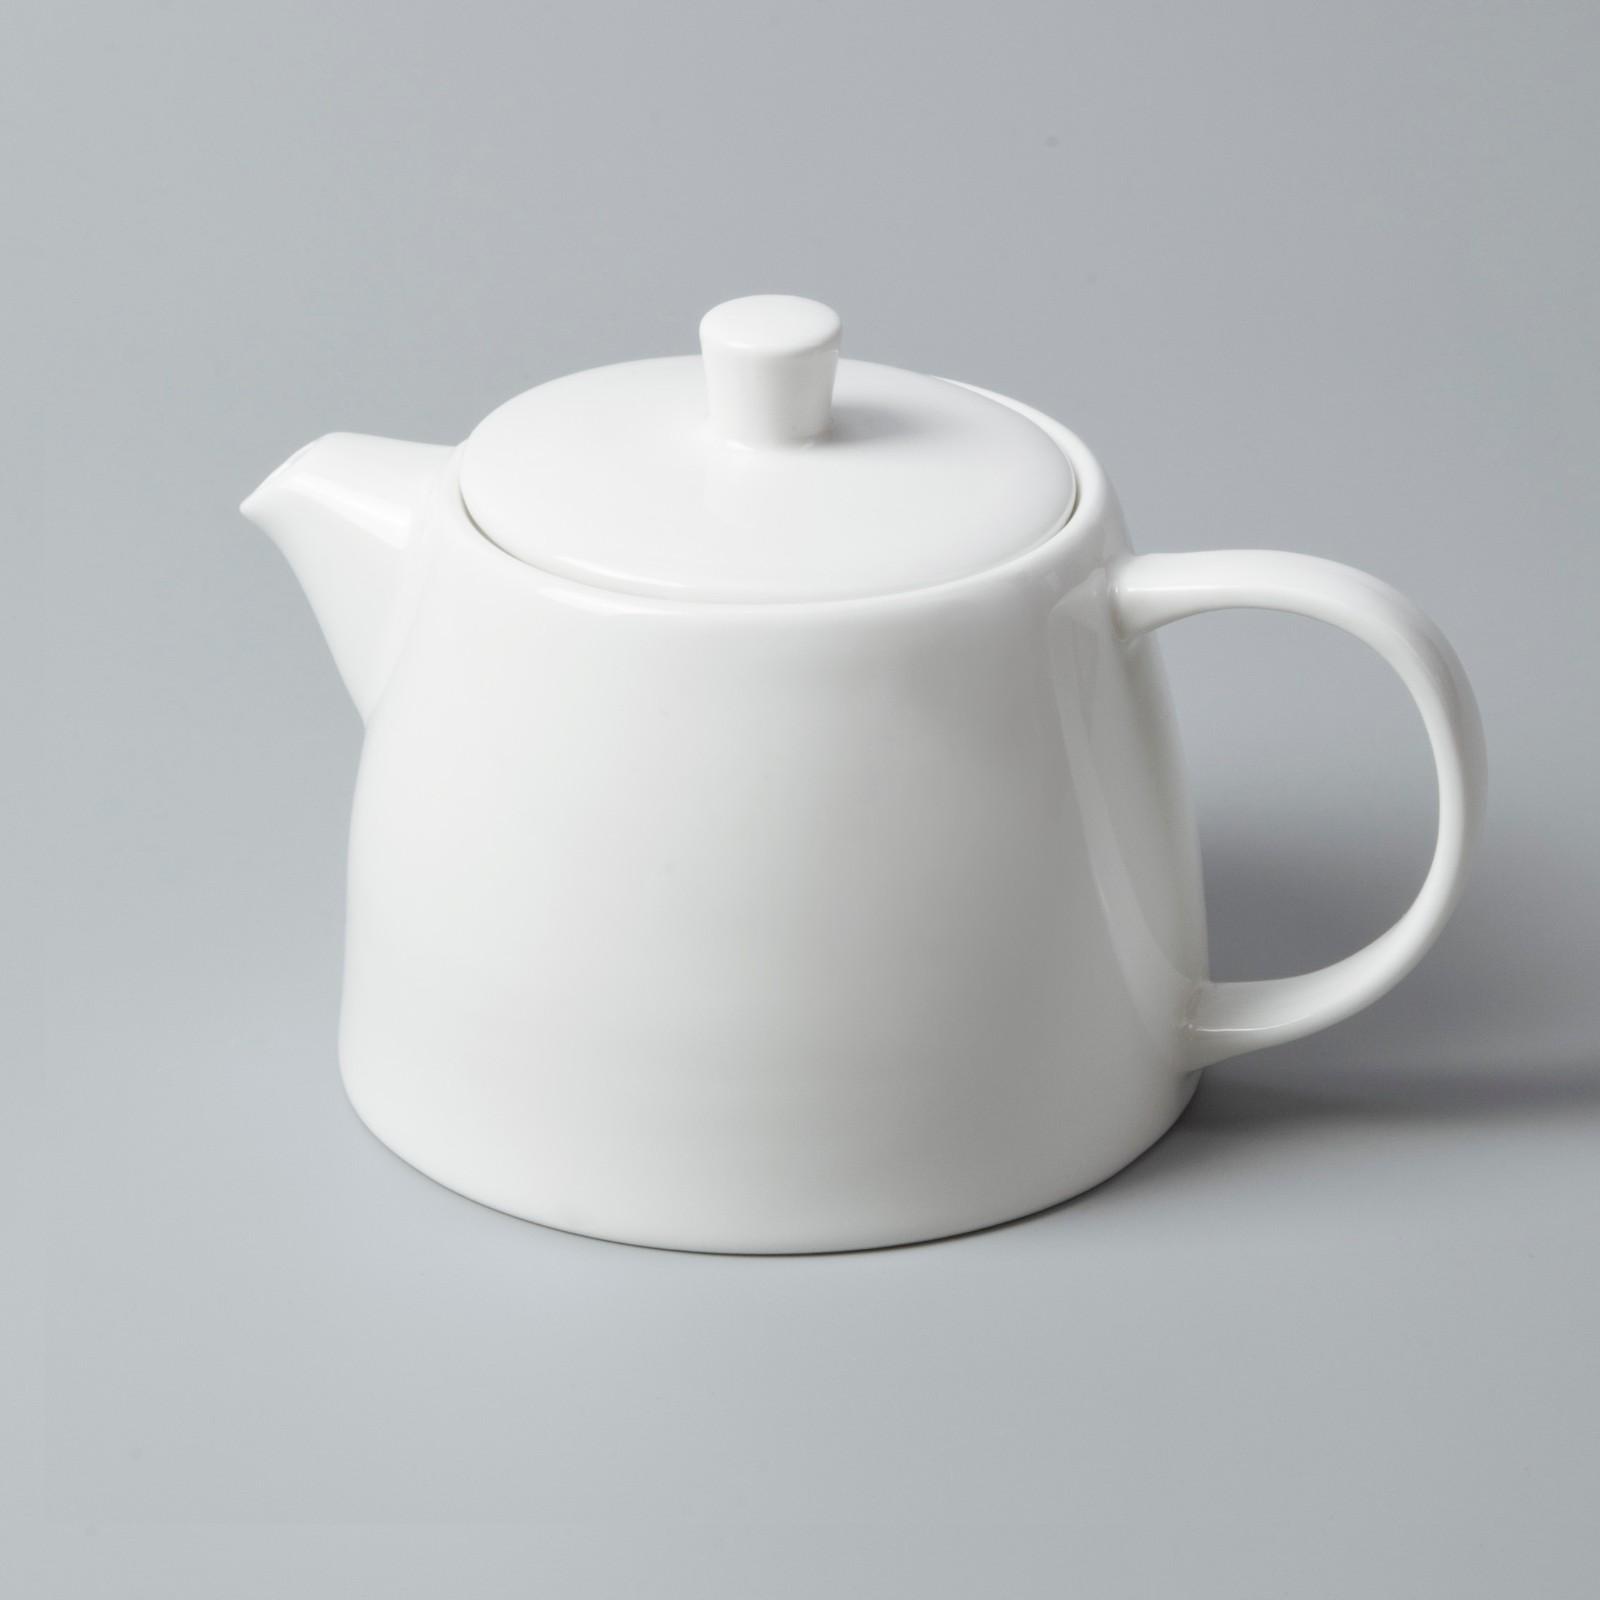 Two Eight bulk cheap porcelain dinner plates from China for dinner-2